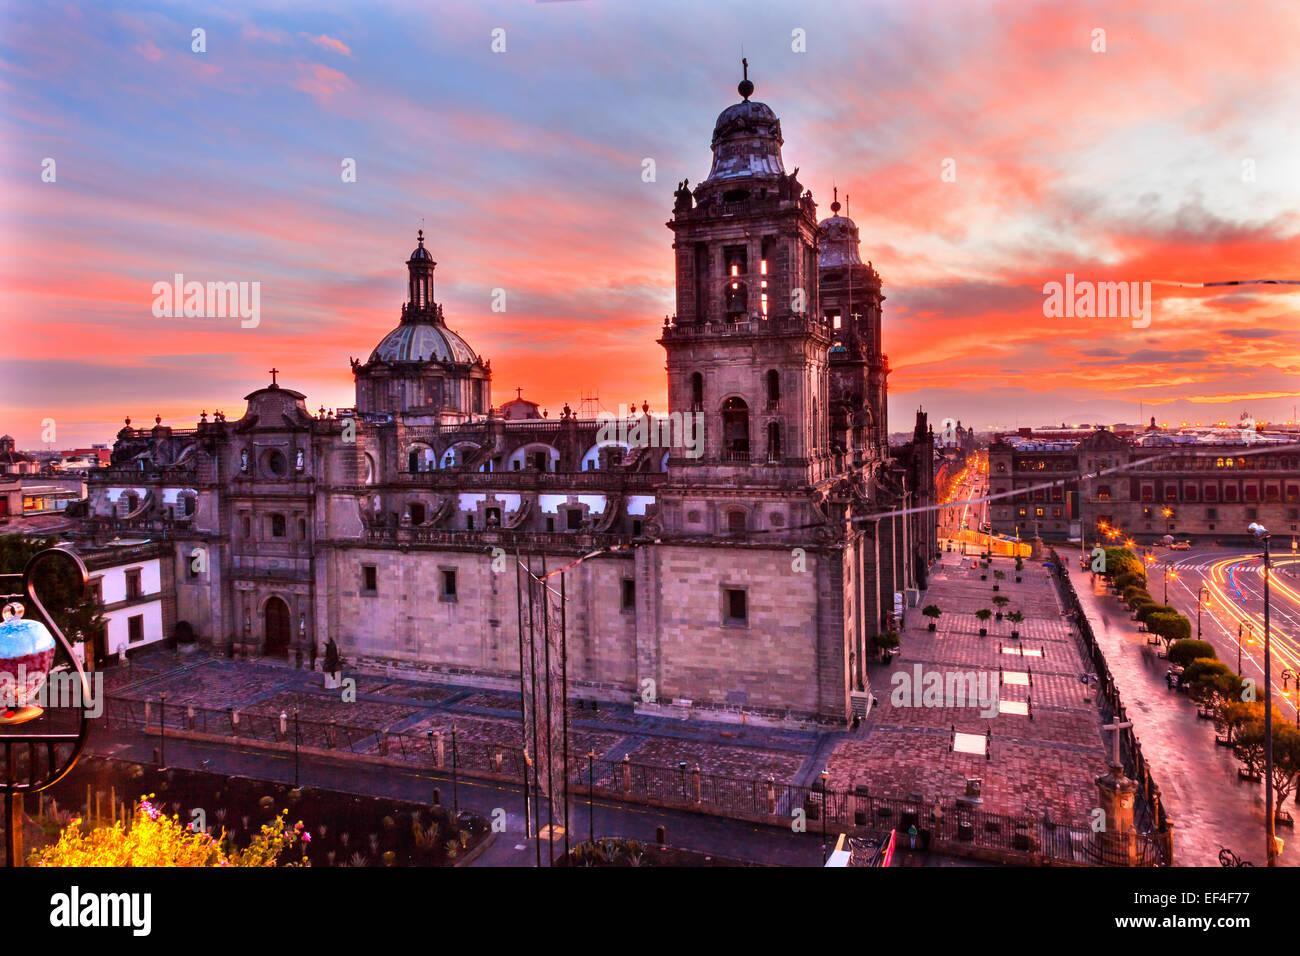 Cattedrale Metropolitana e il Palazzo del Presidente in Zocalo, centro di Città del Messico Messico Sunrise Immagini Stock